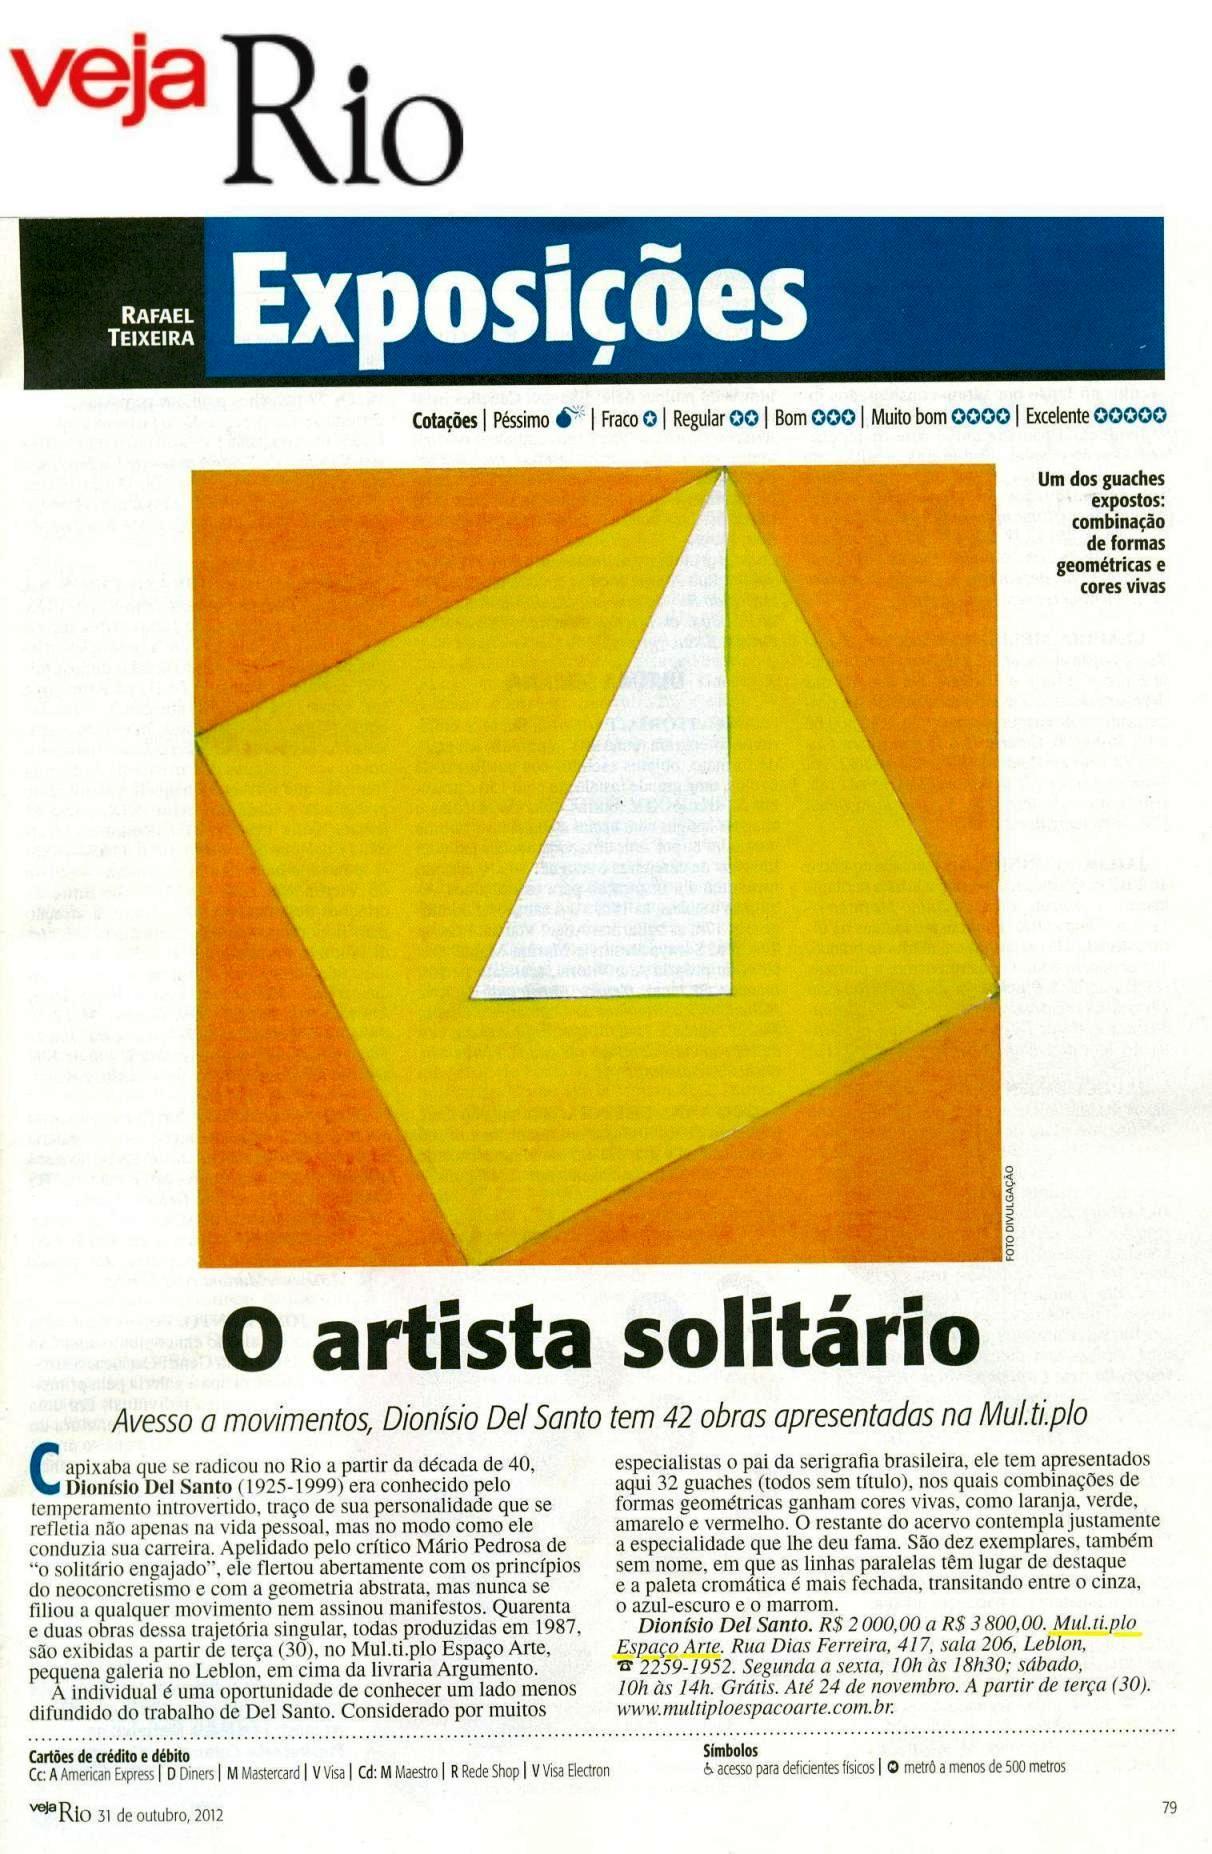 MUL.TI.PLO ESPAÇO ARTE NA VEJA RIO 31.10.2012.JPG